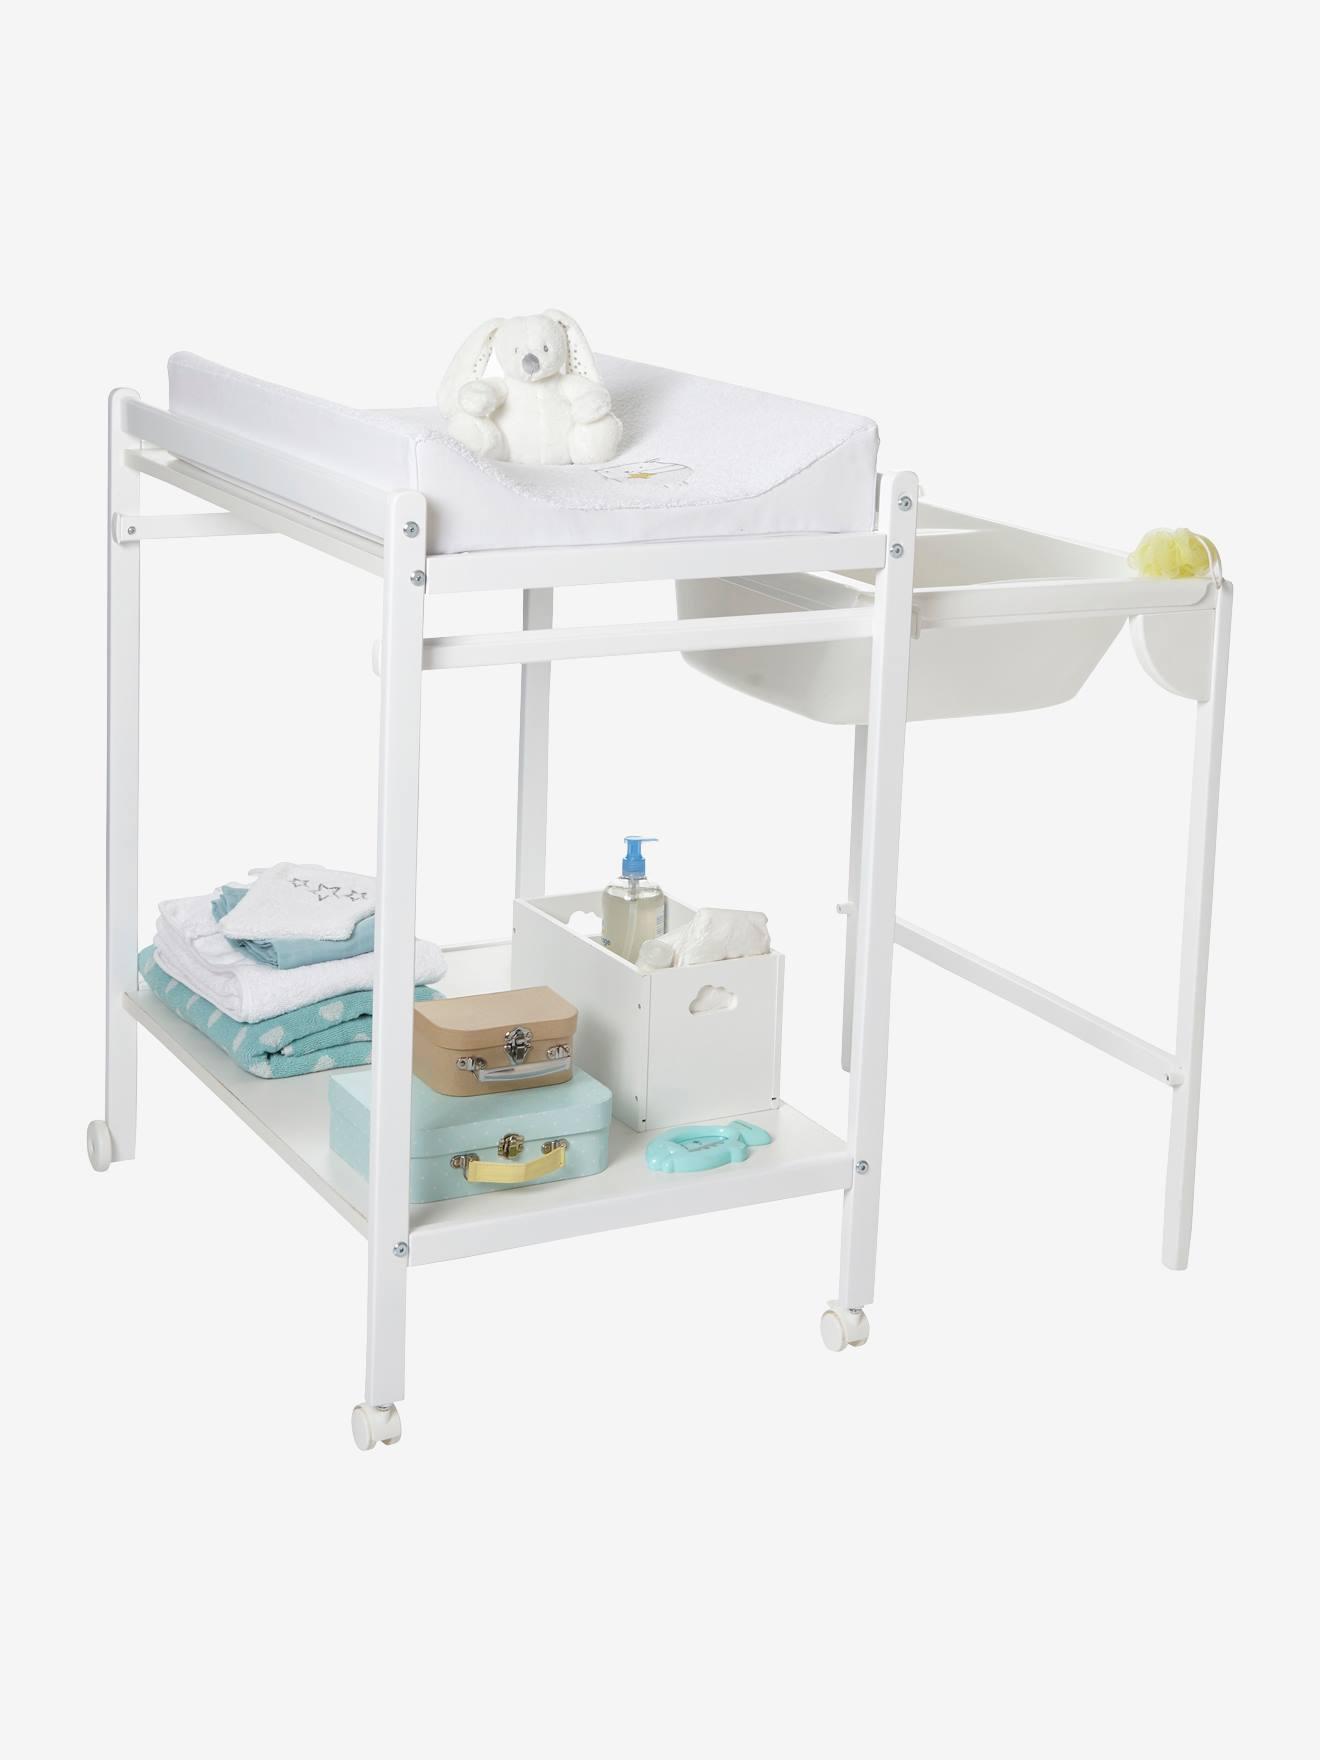 Table À Langer Petite table à langer avec baignoire intégrée vertbaudet magictub blanc -  vertbaudet